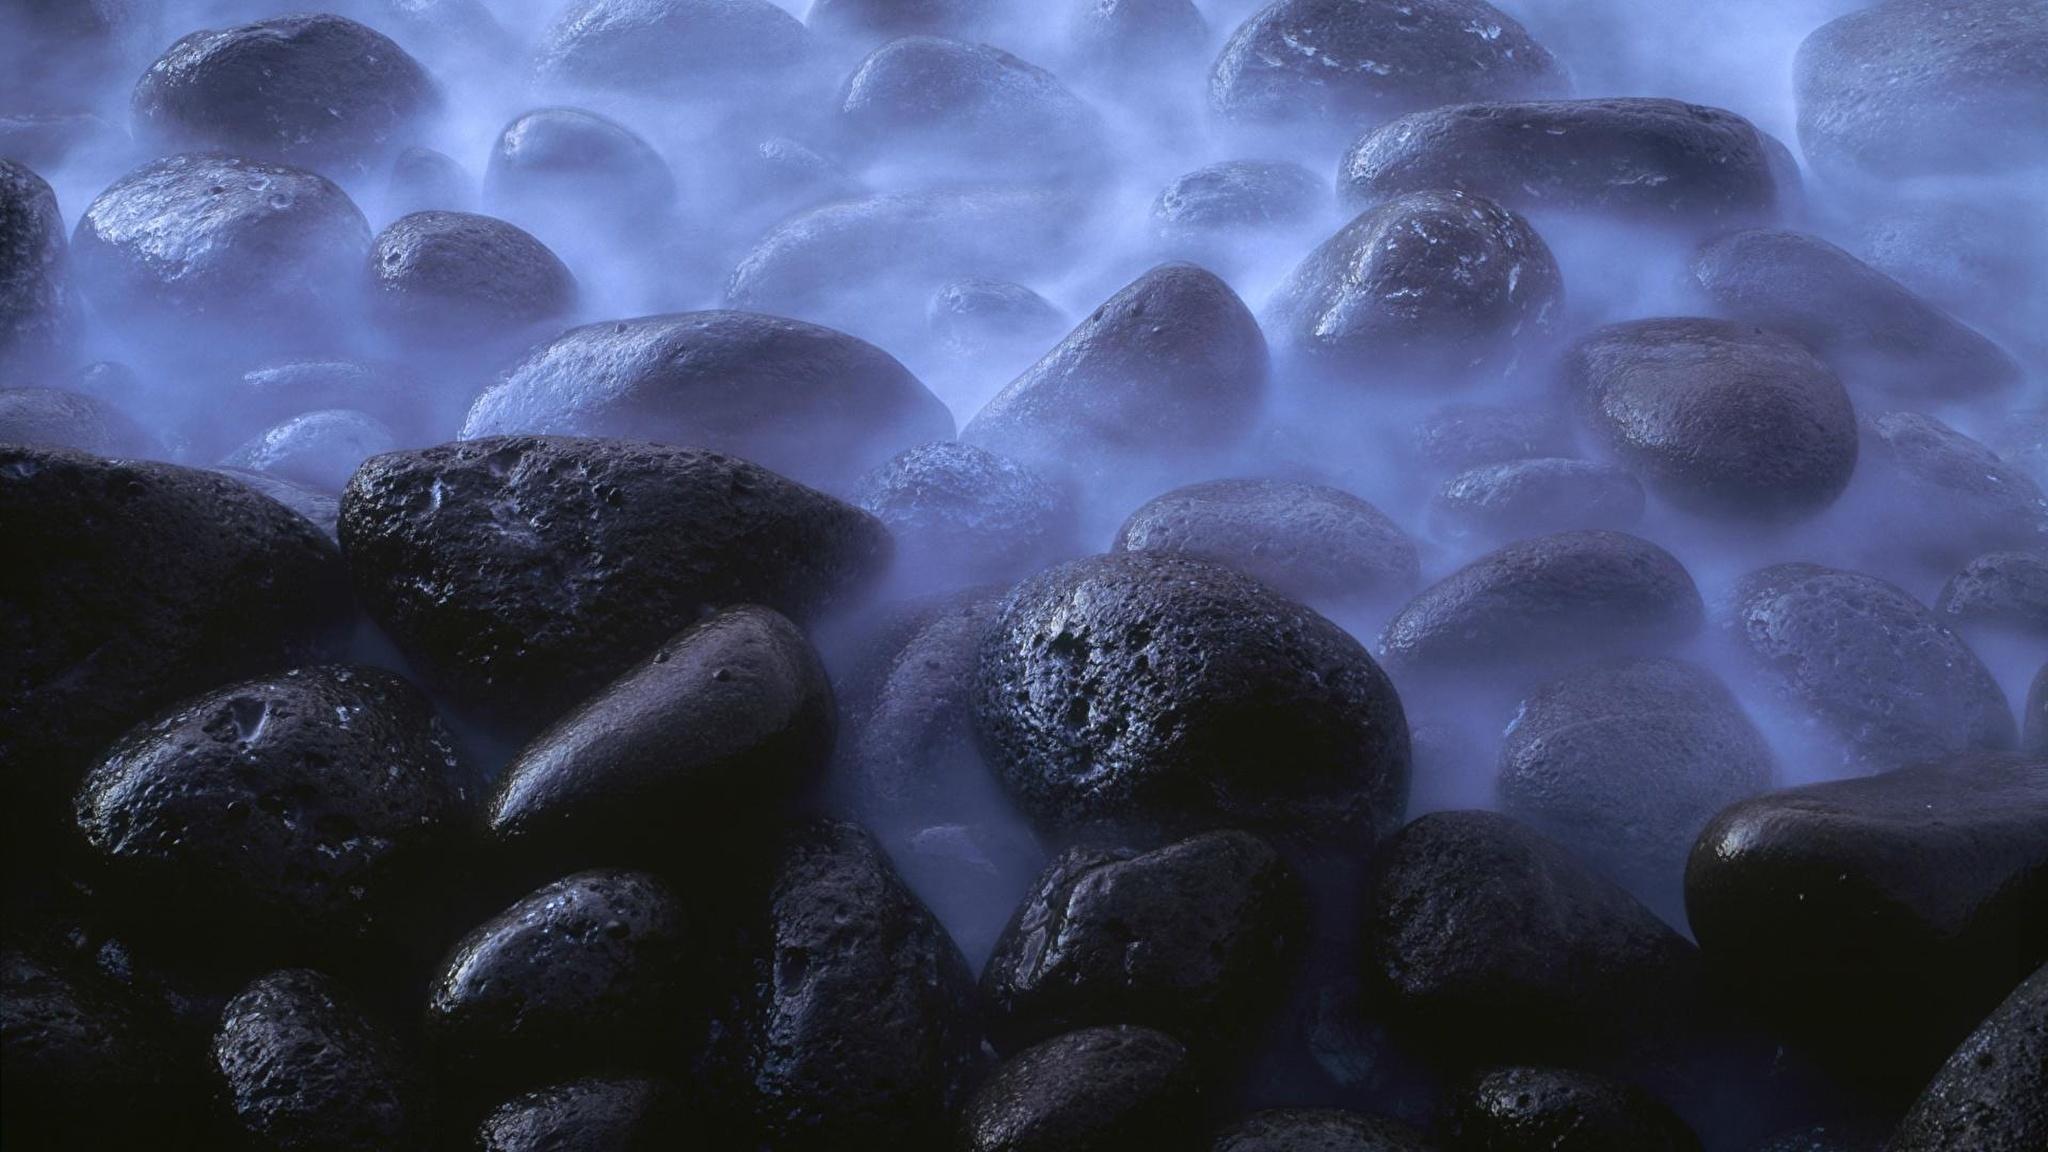 Камни море вода подборки